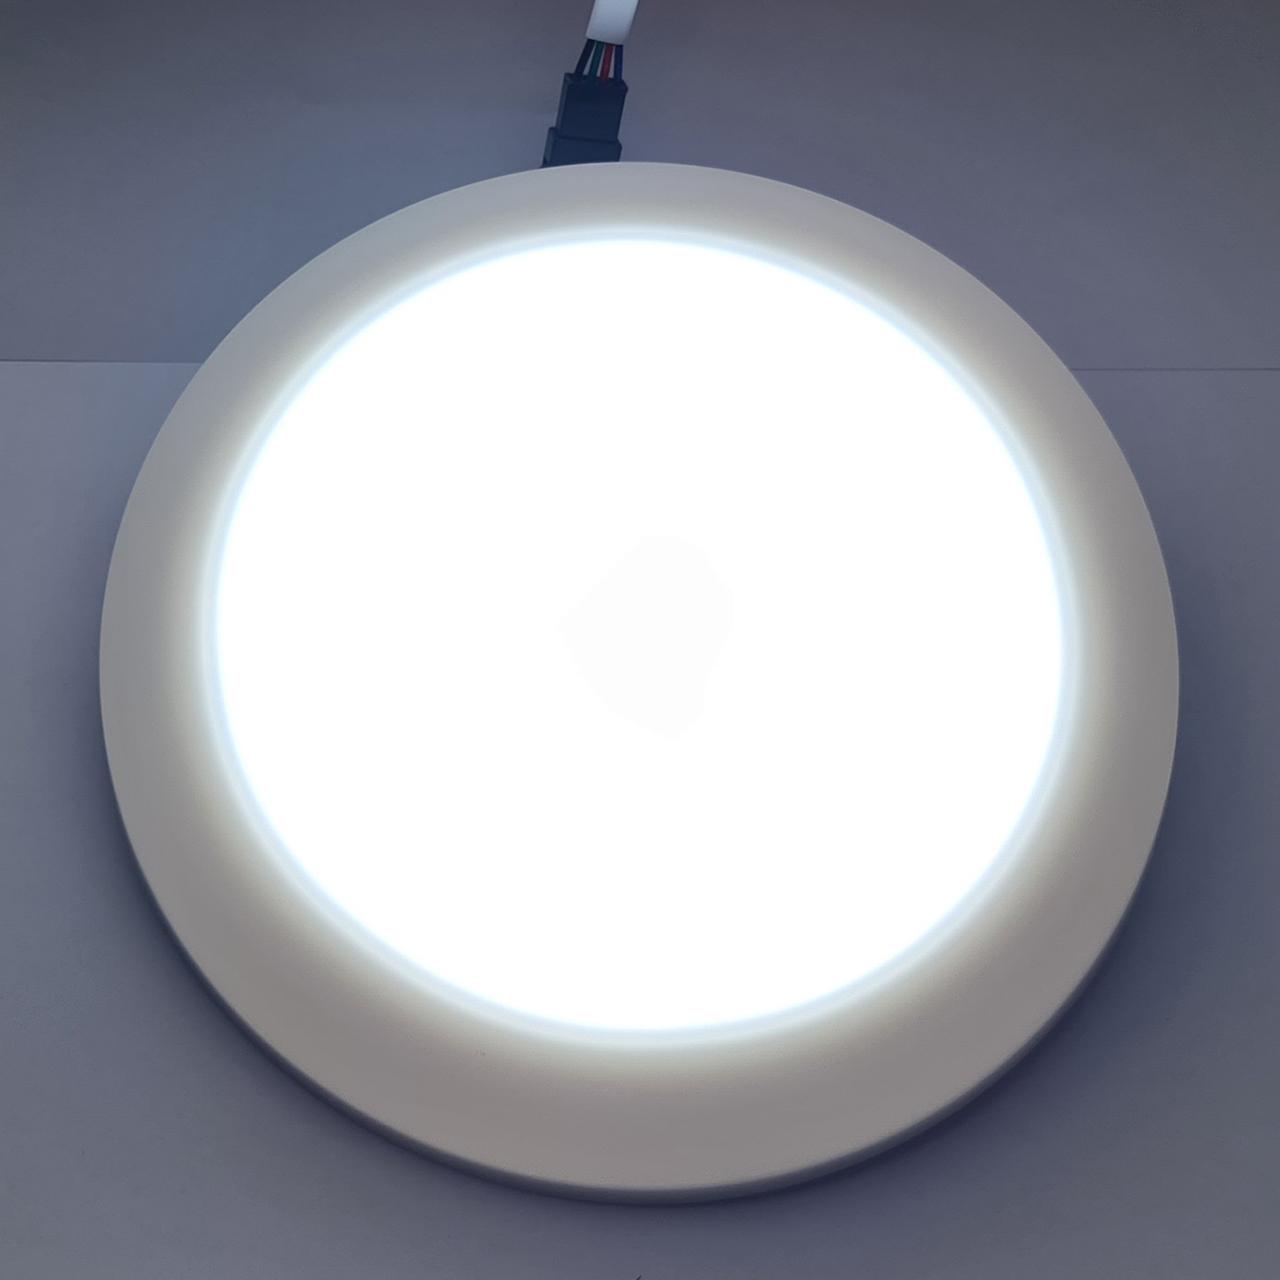 چراغ هالوژن 13 وات مهرشید مدل 10P3